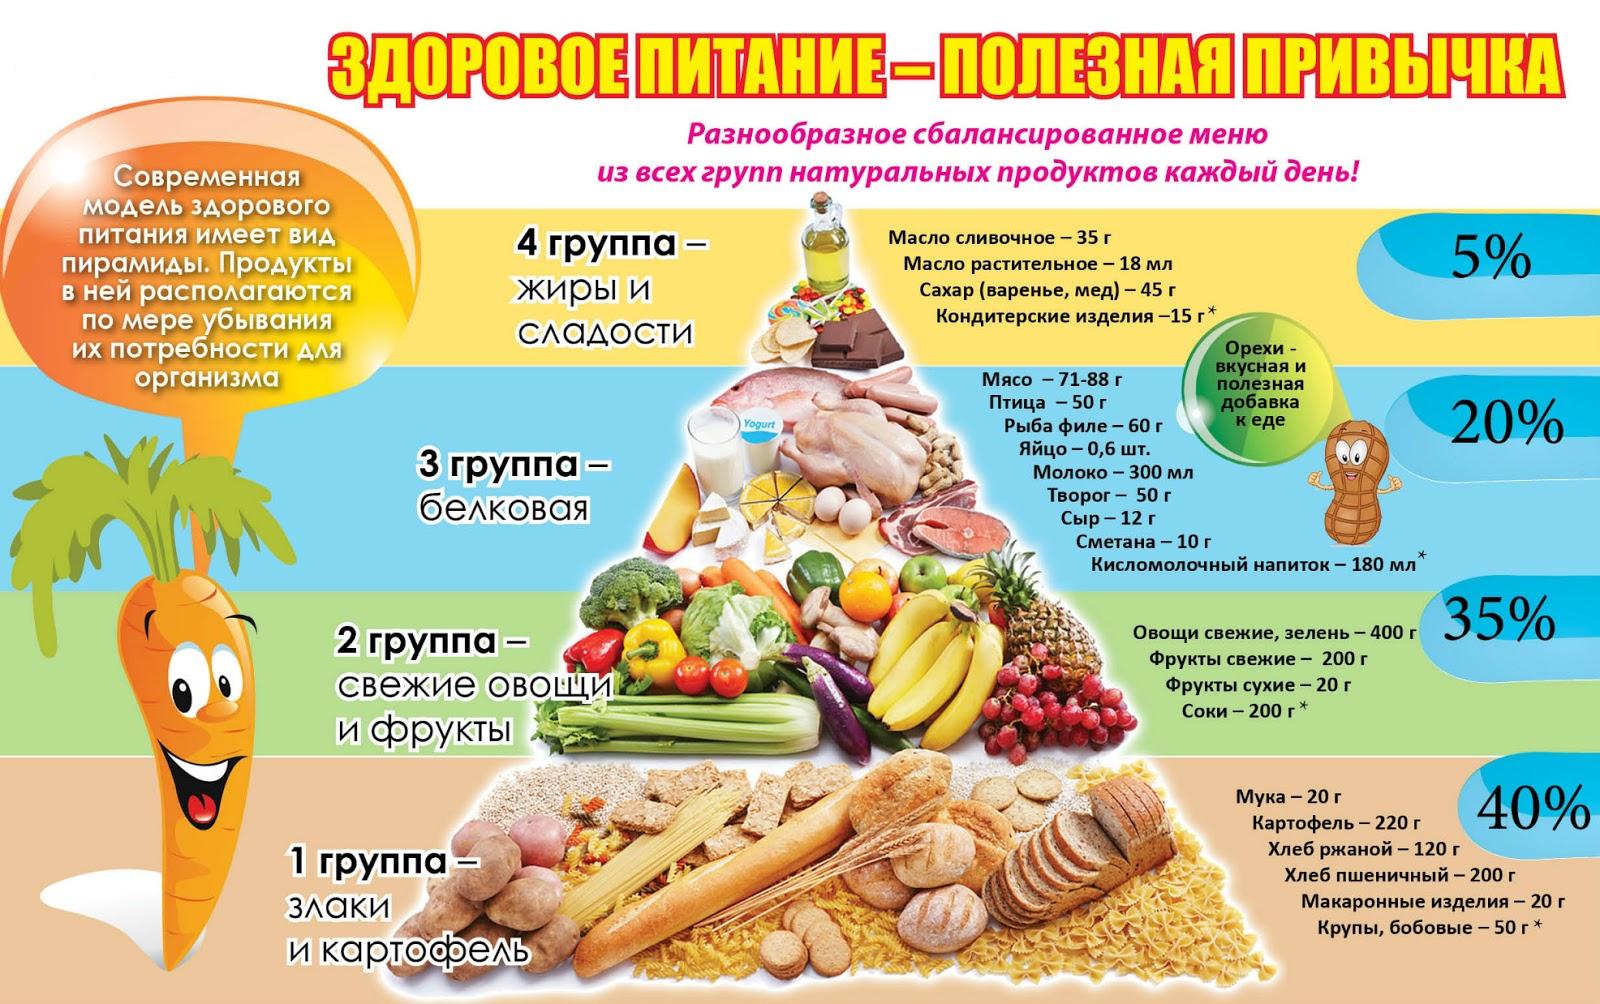 презентация на здоровое питание